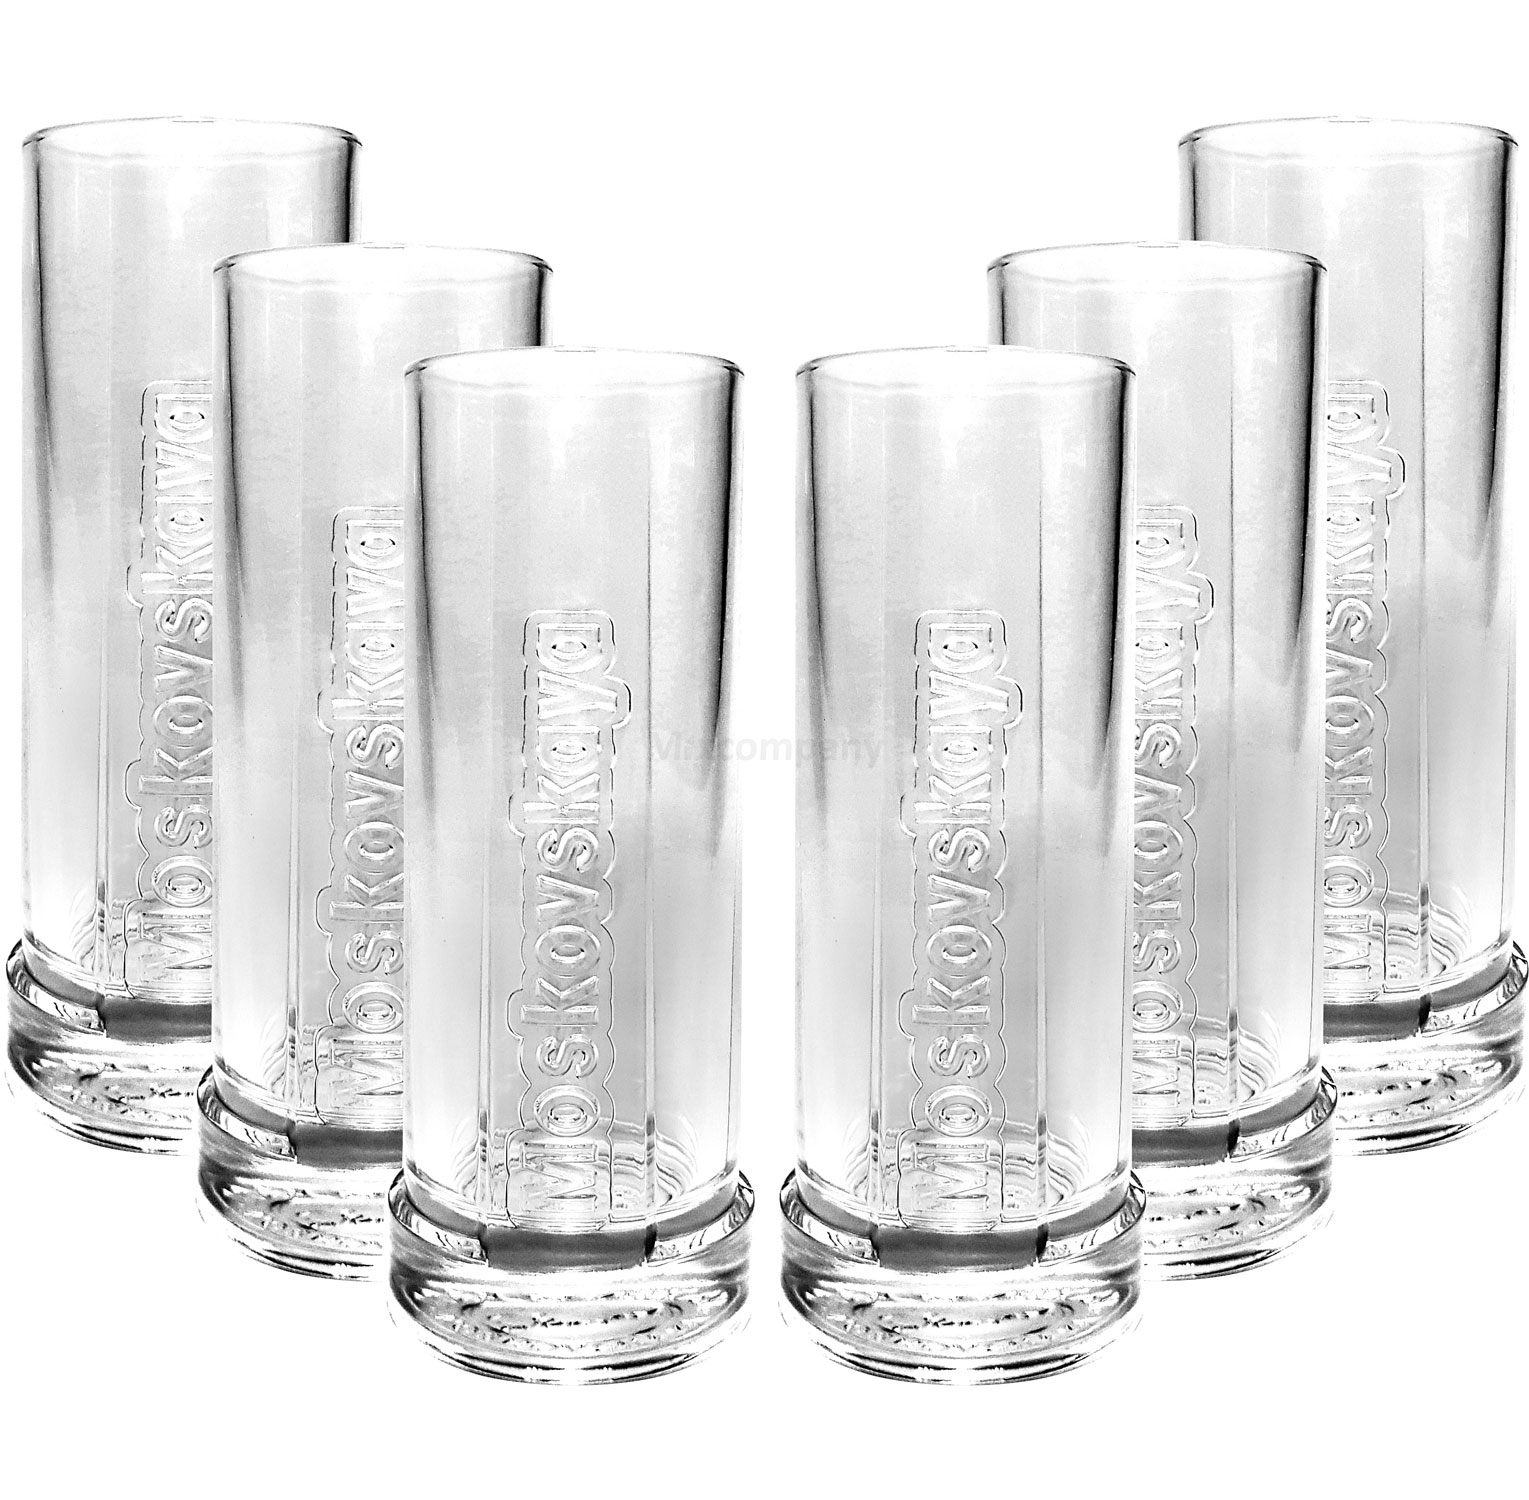 Moskovskaya Vodka Glas Gläser-Set - 6x Longdrink Gläser